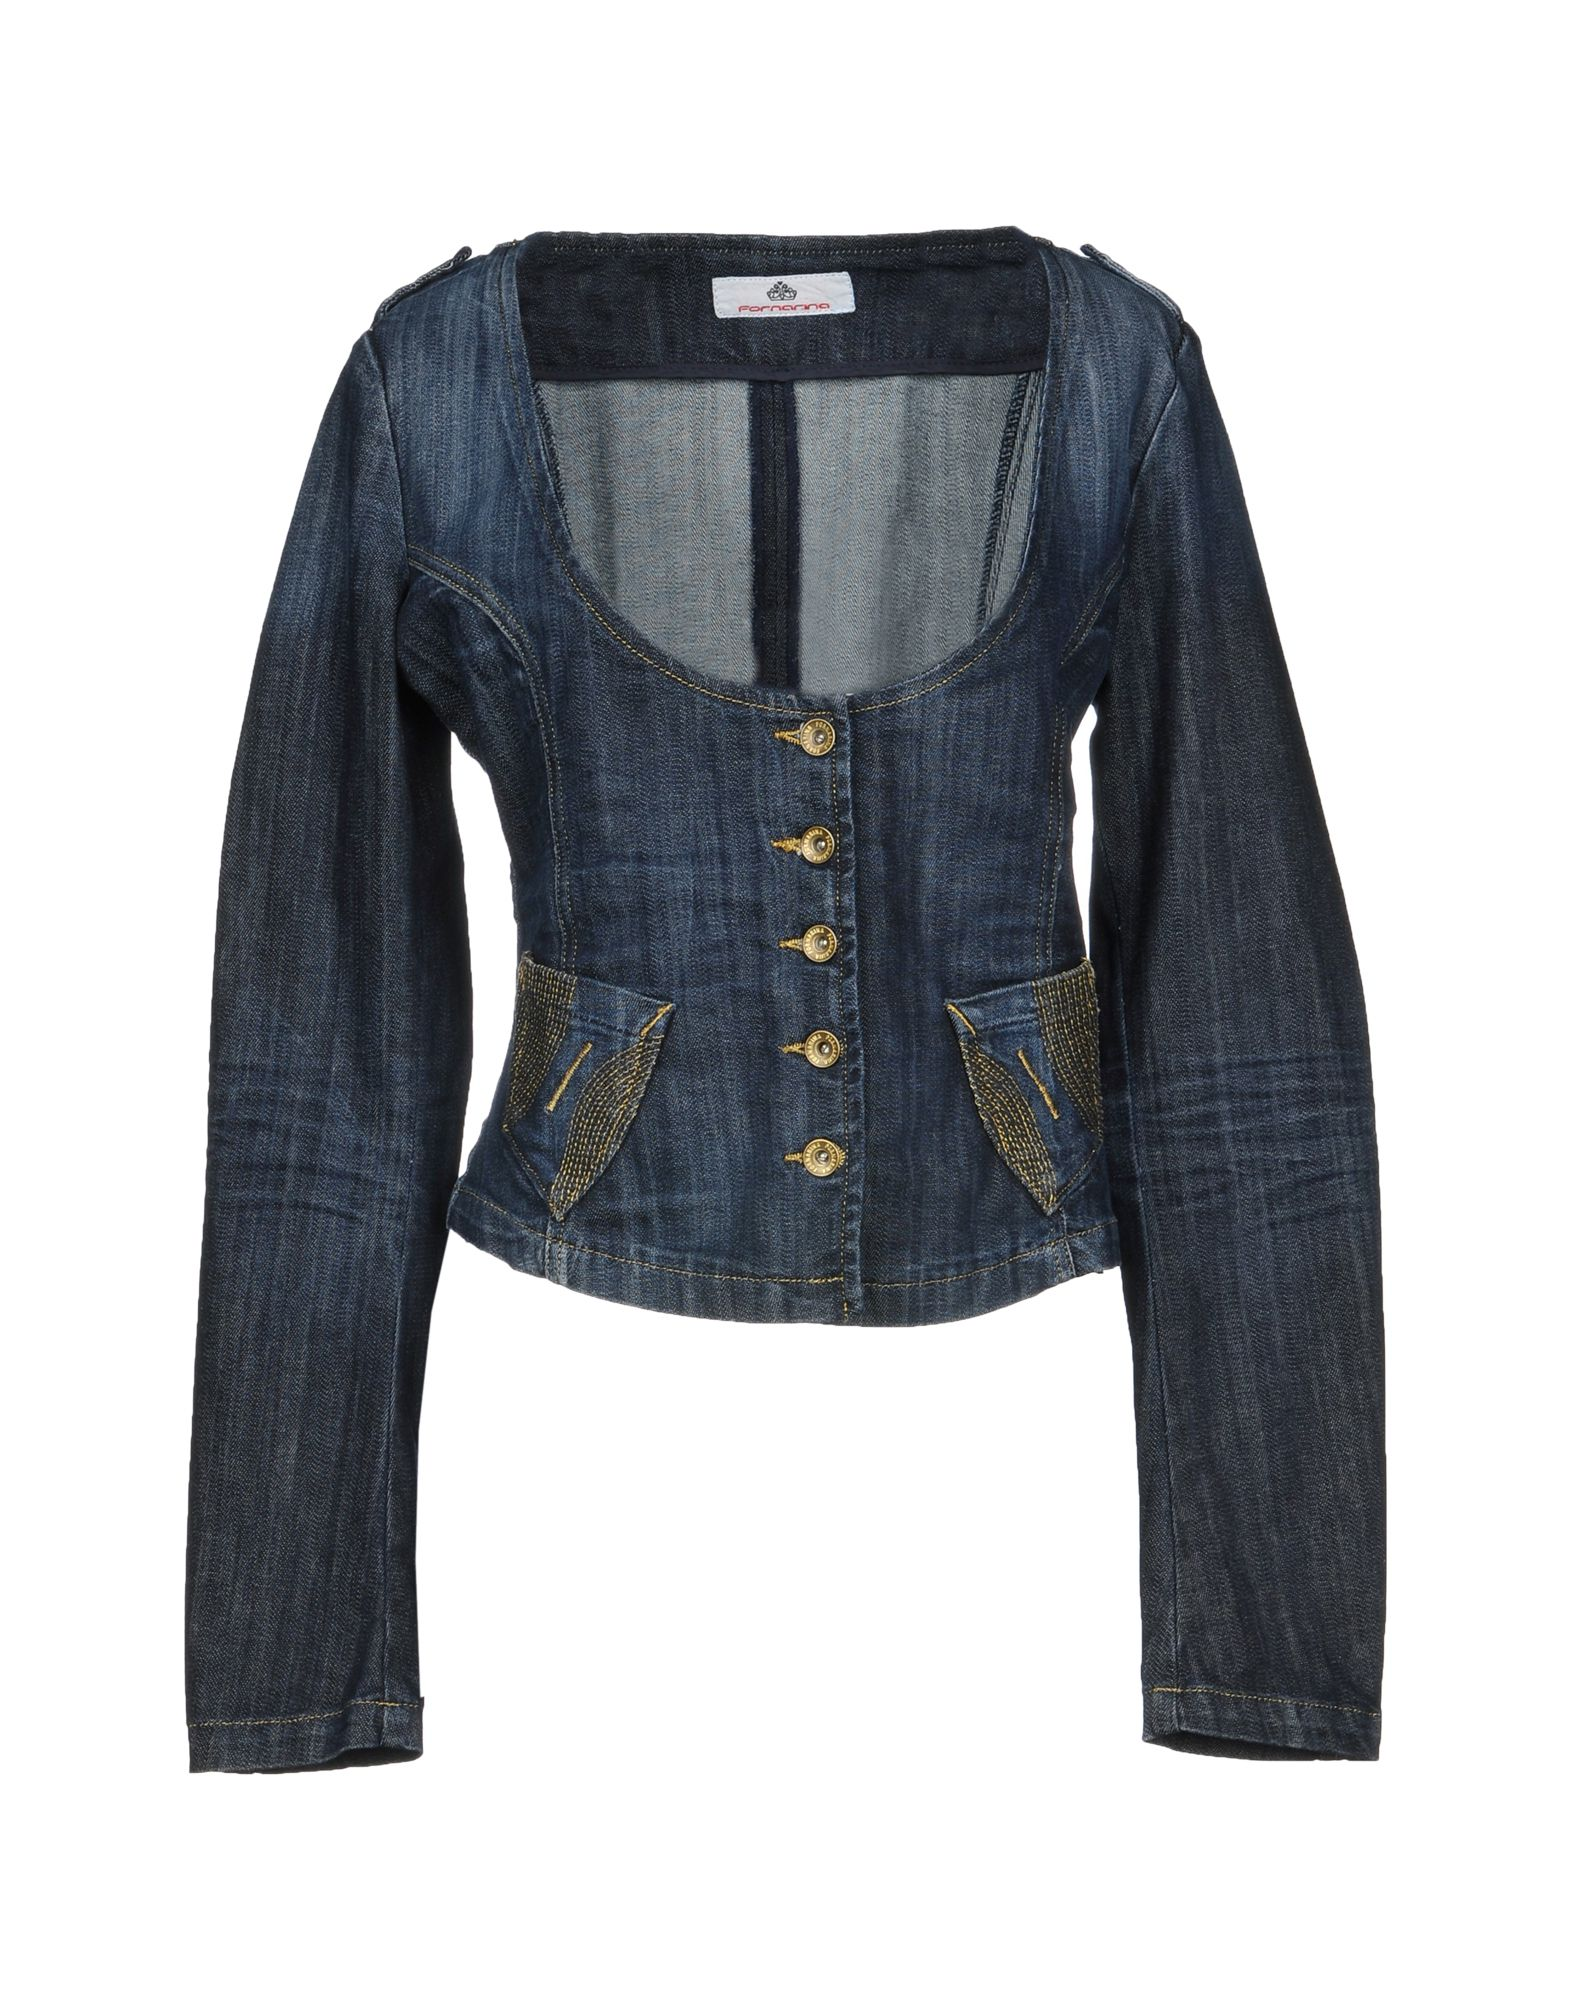 FORNARINA Джинсовая верхняя одежда брендовая одежда